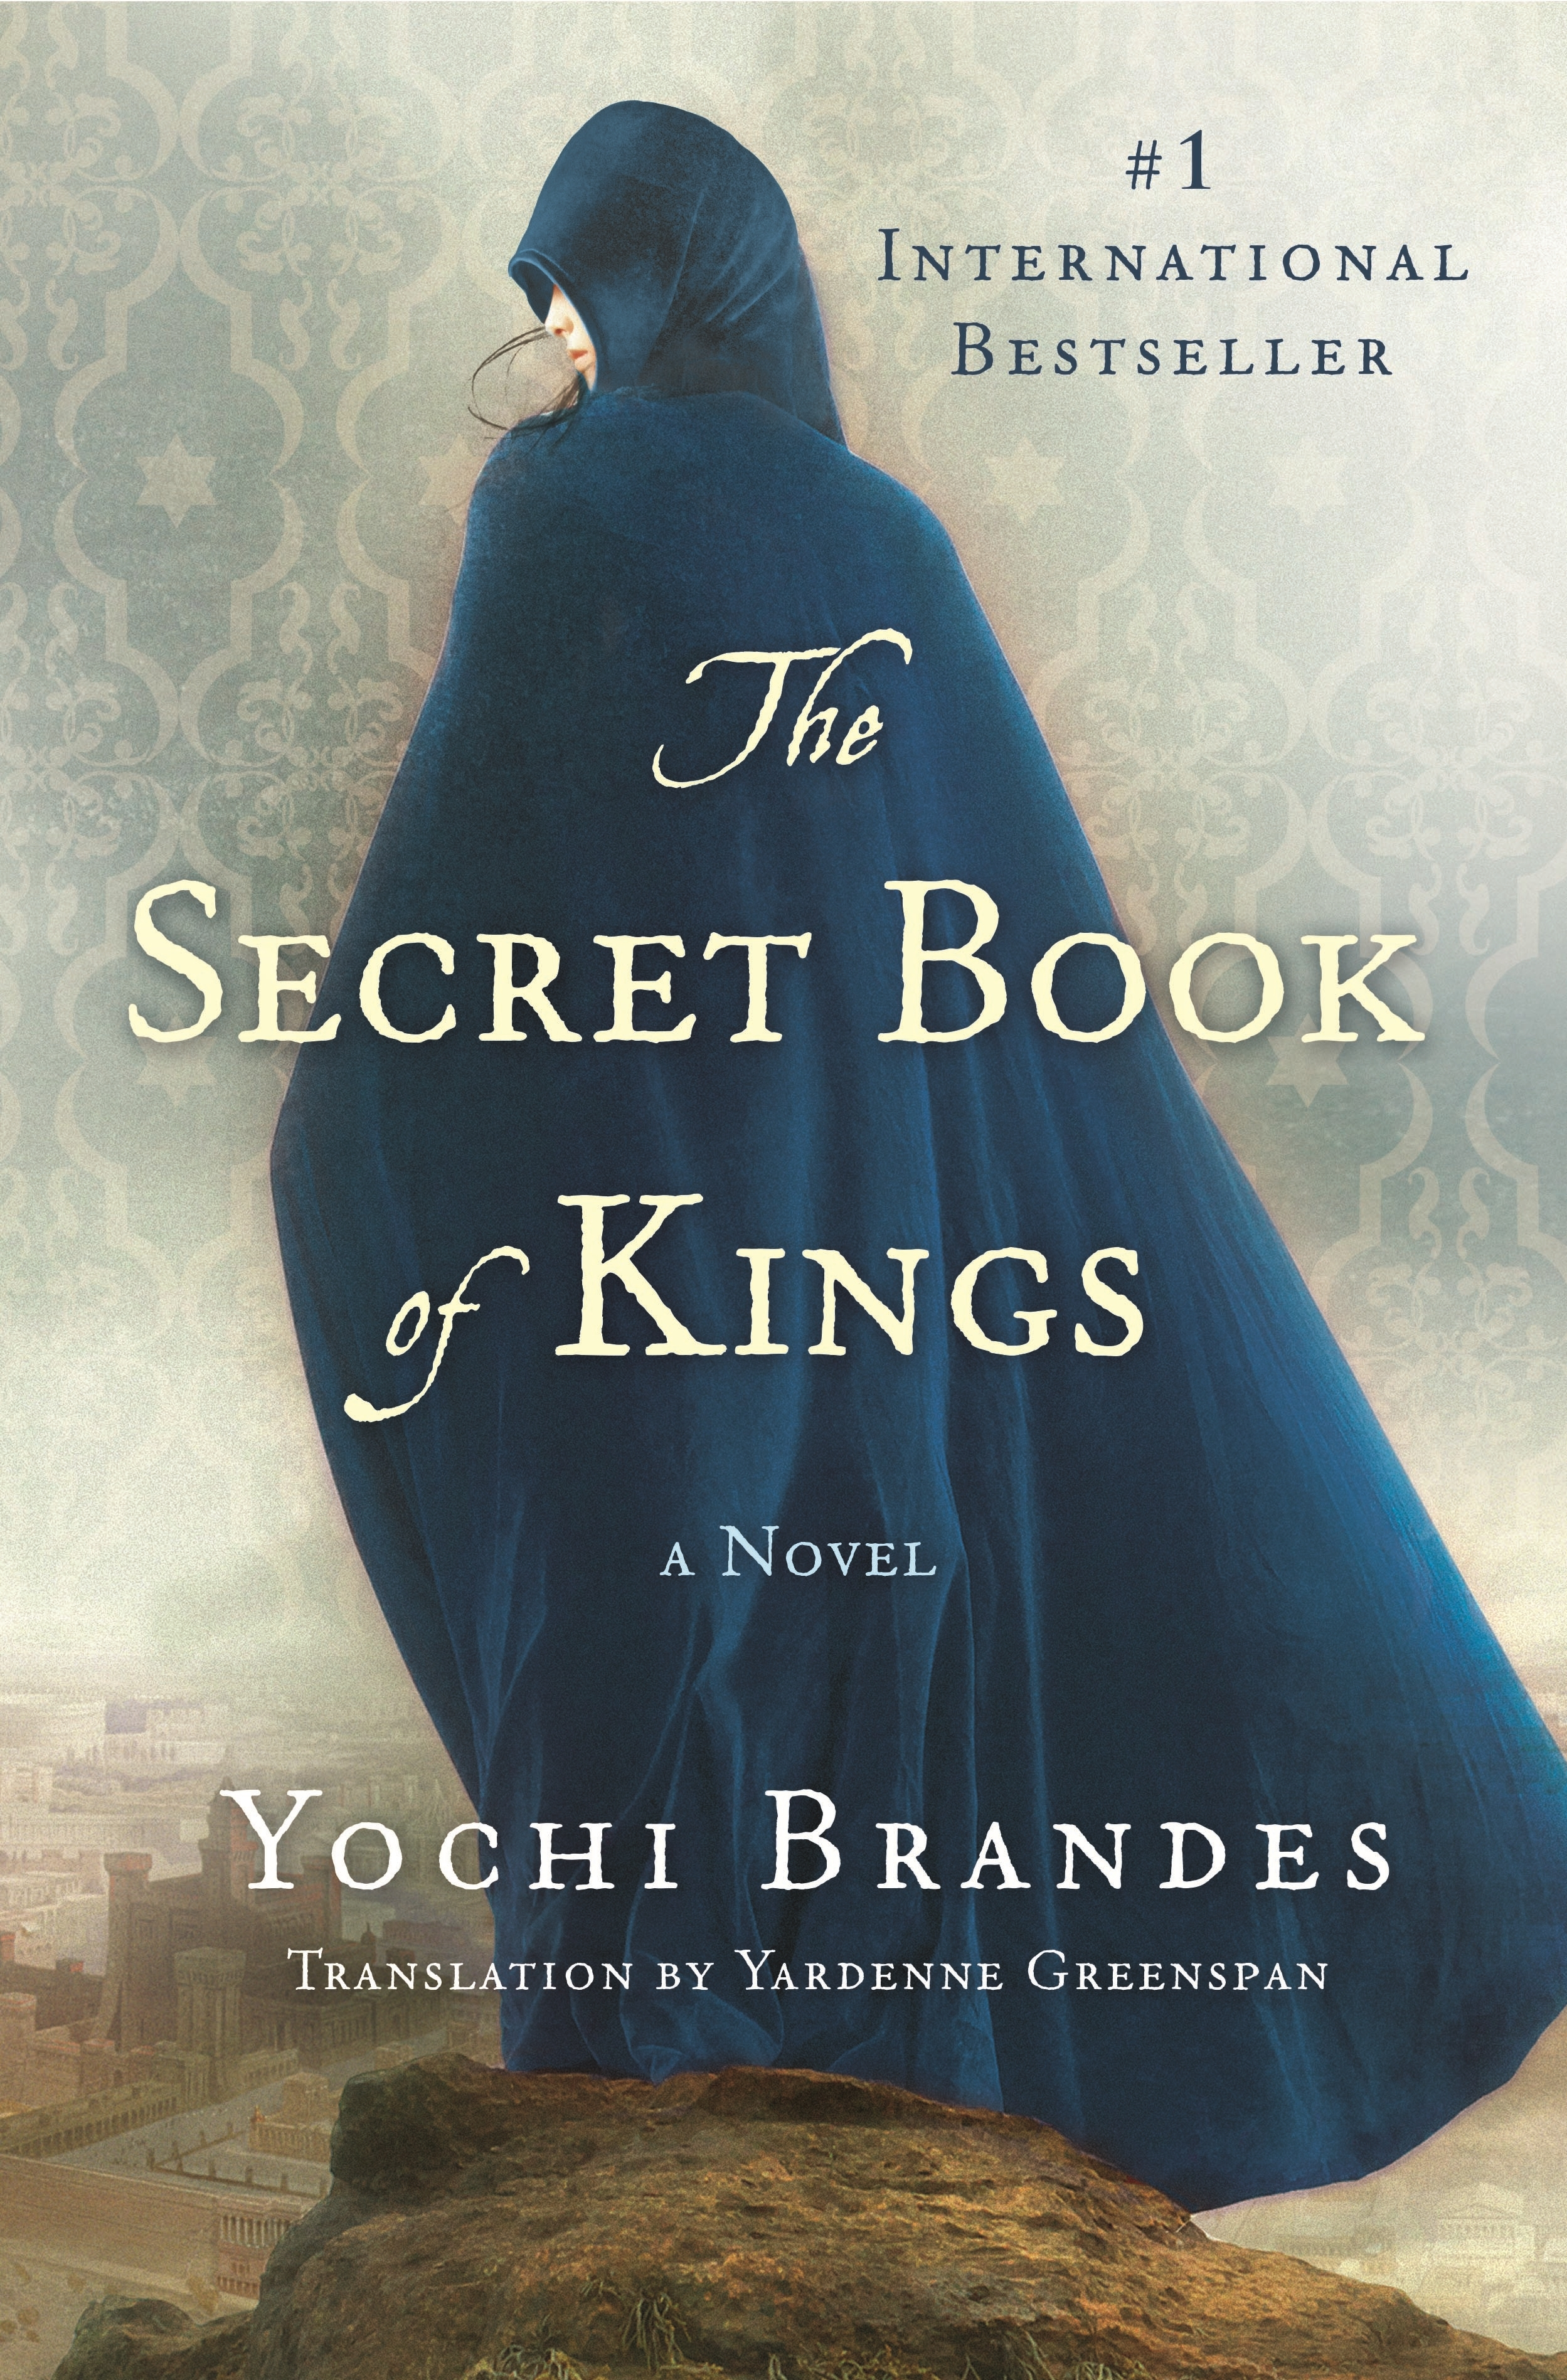 Secret Book Cover.jpg